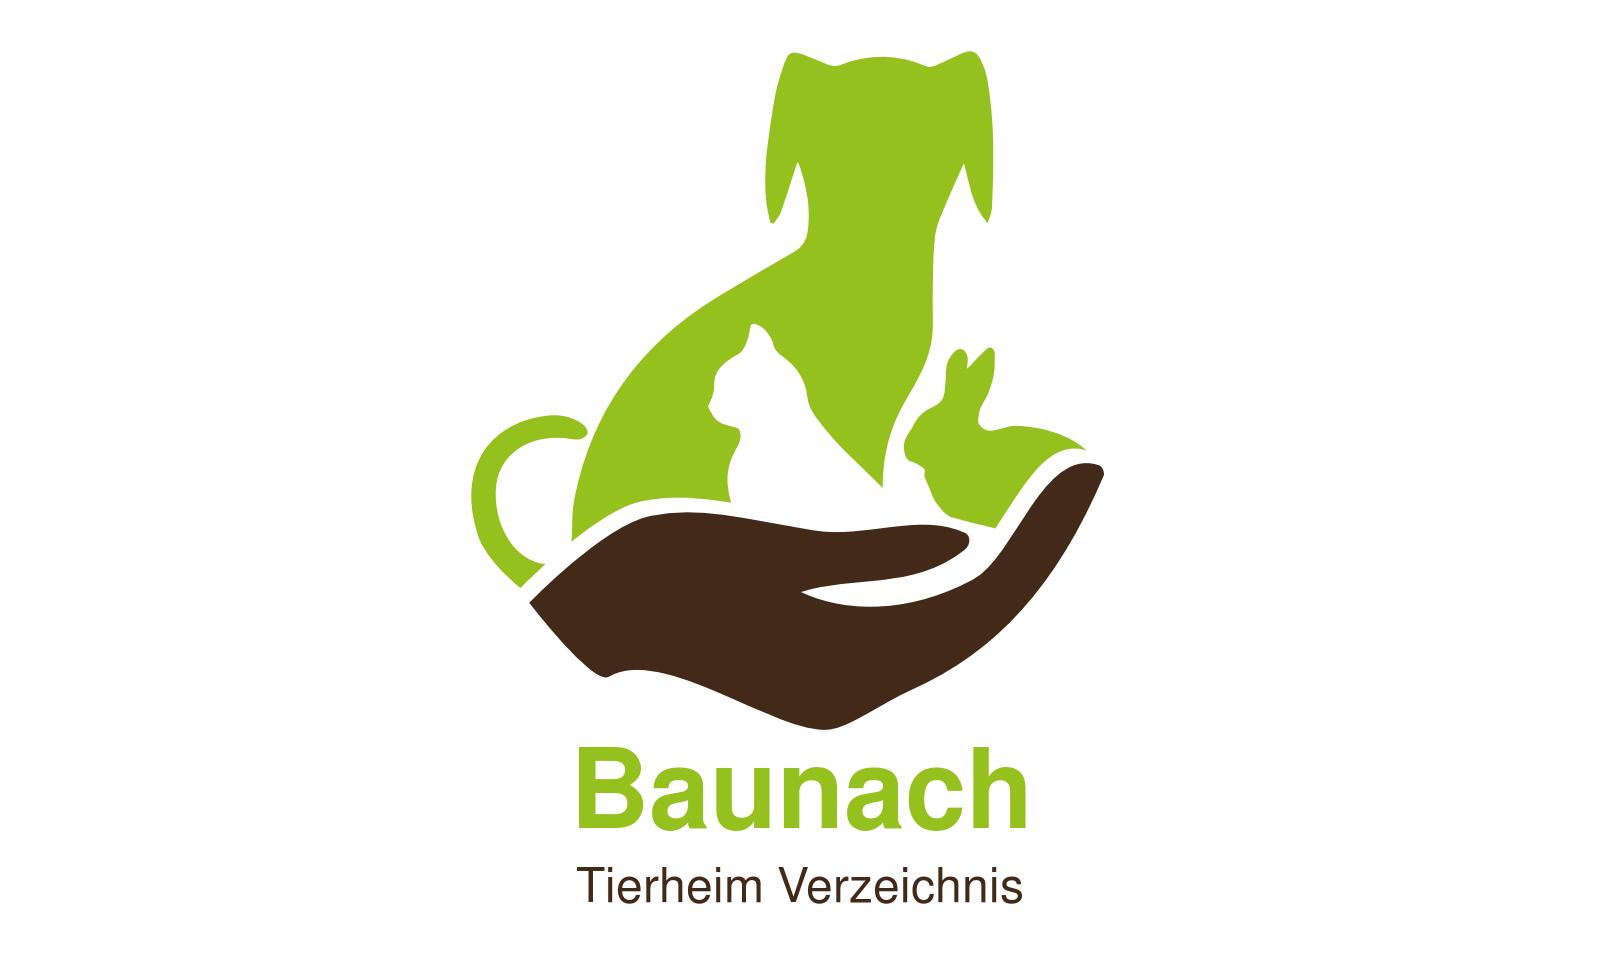 Tierheim Baunach